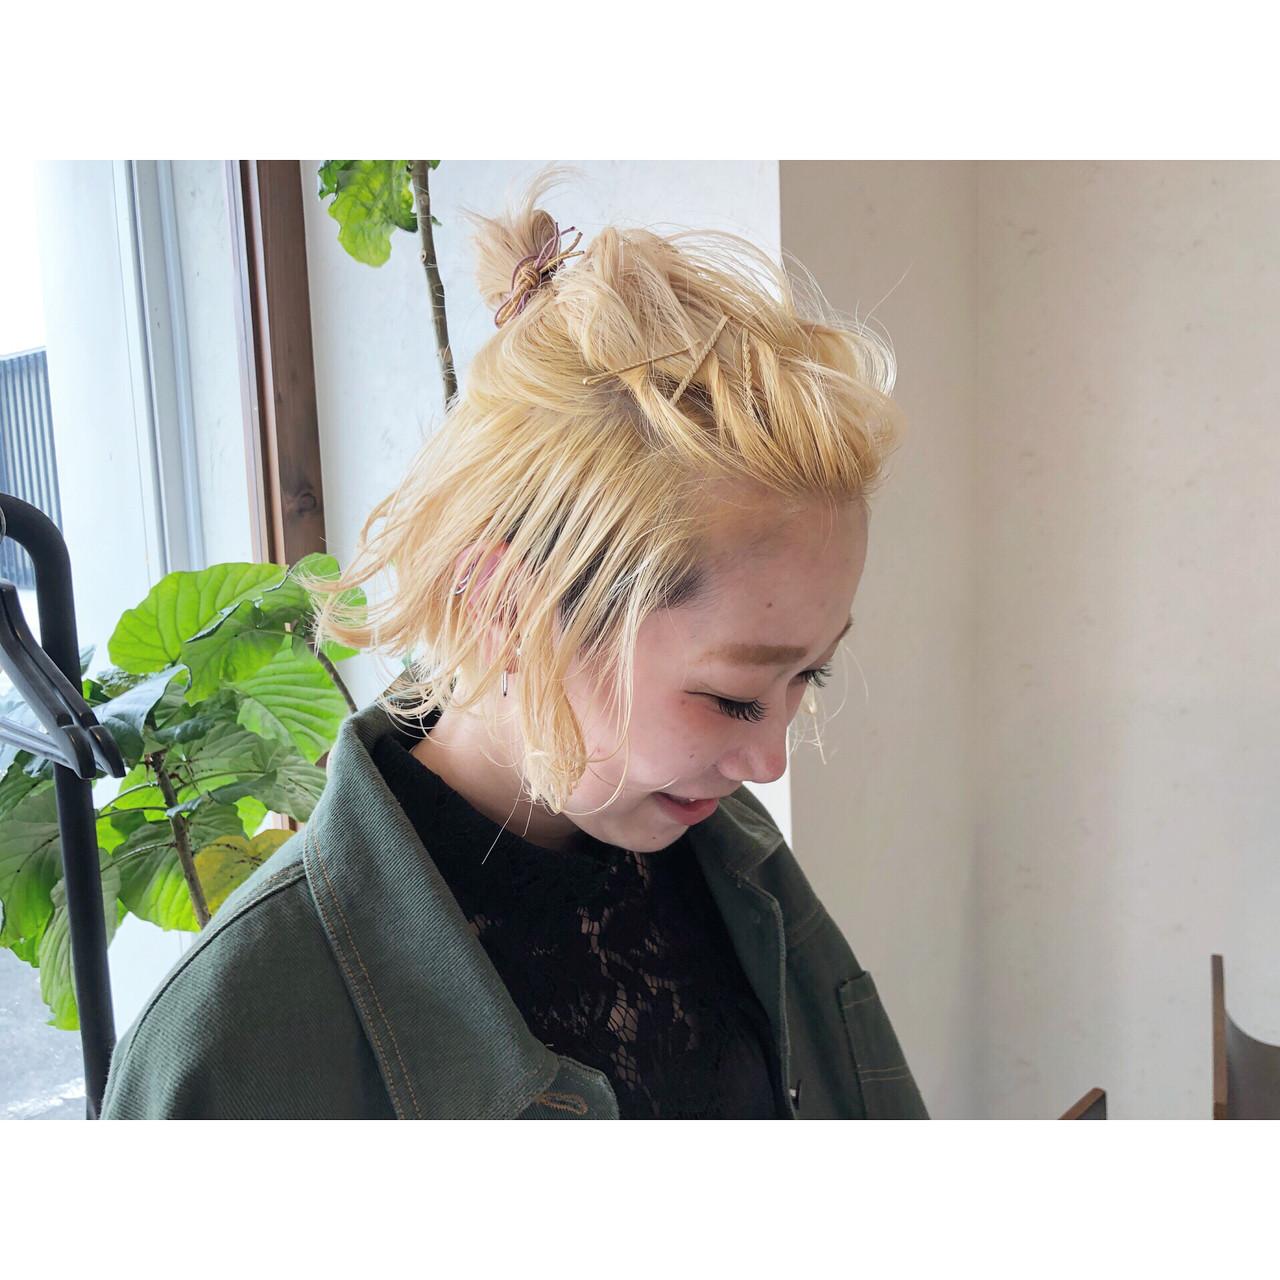 ブリーチカラー 簡単ヘアアレンジ ナチュラル ショート ヘアスタイルや髪型の写真・画像